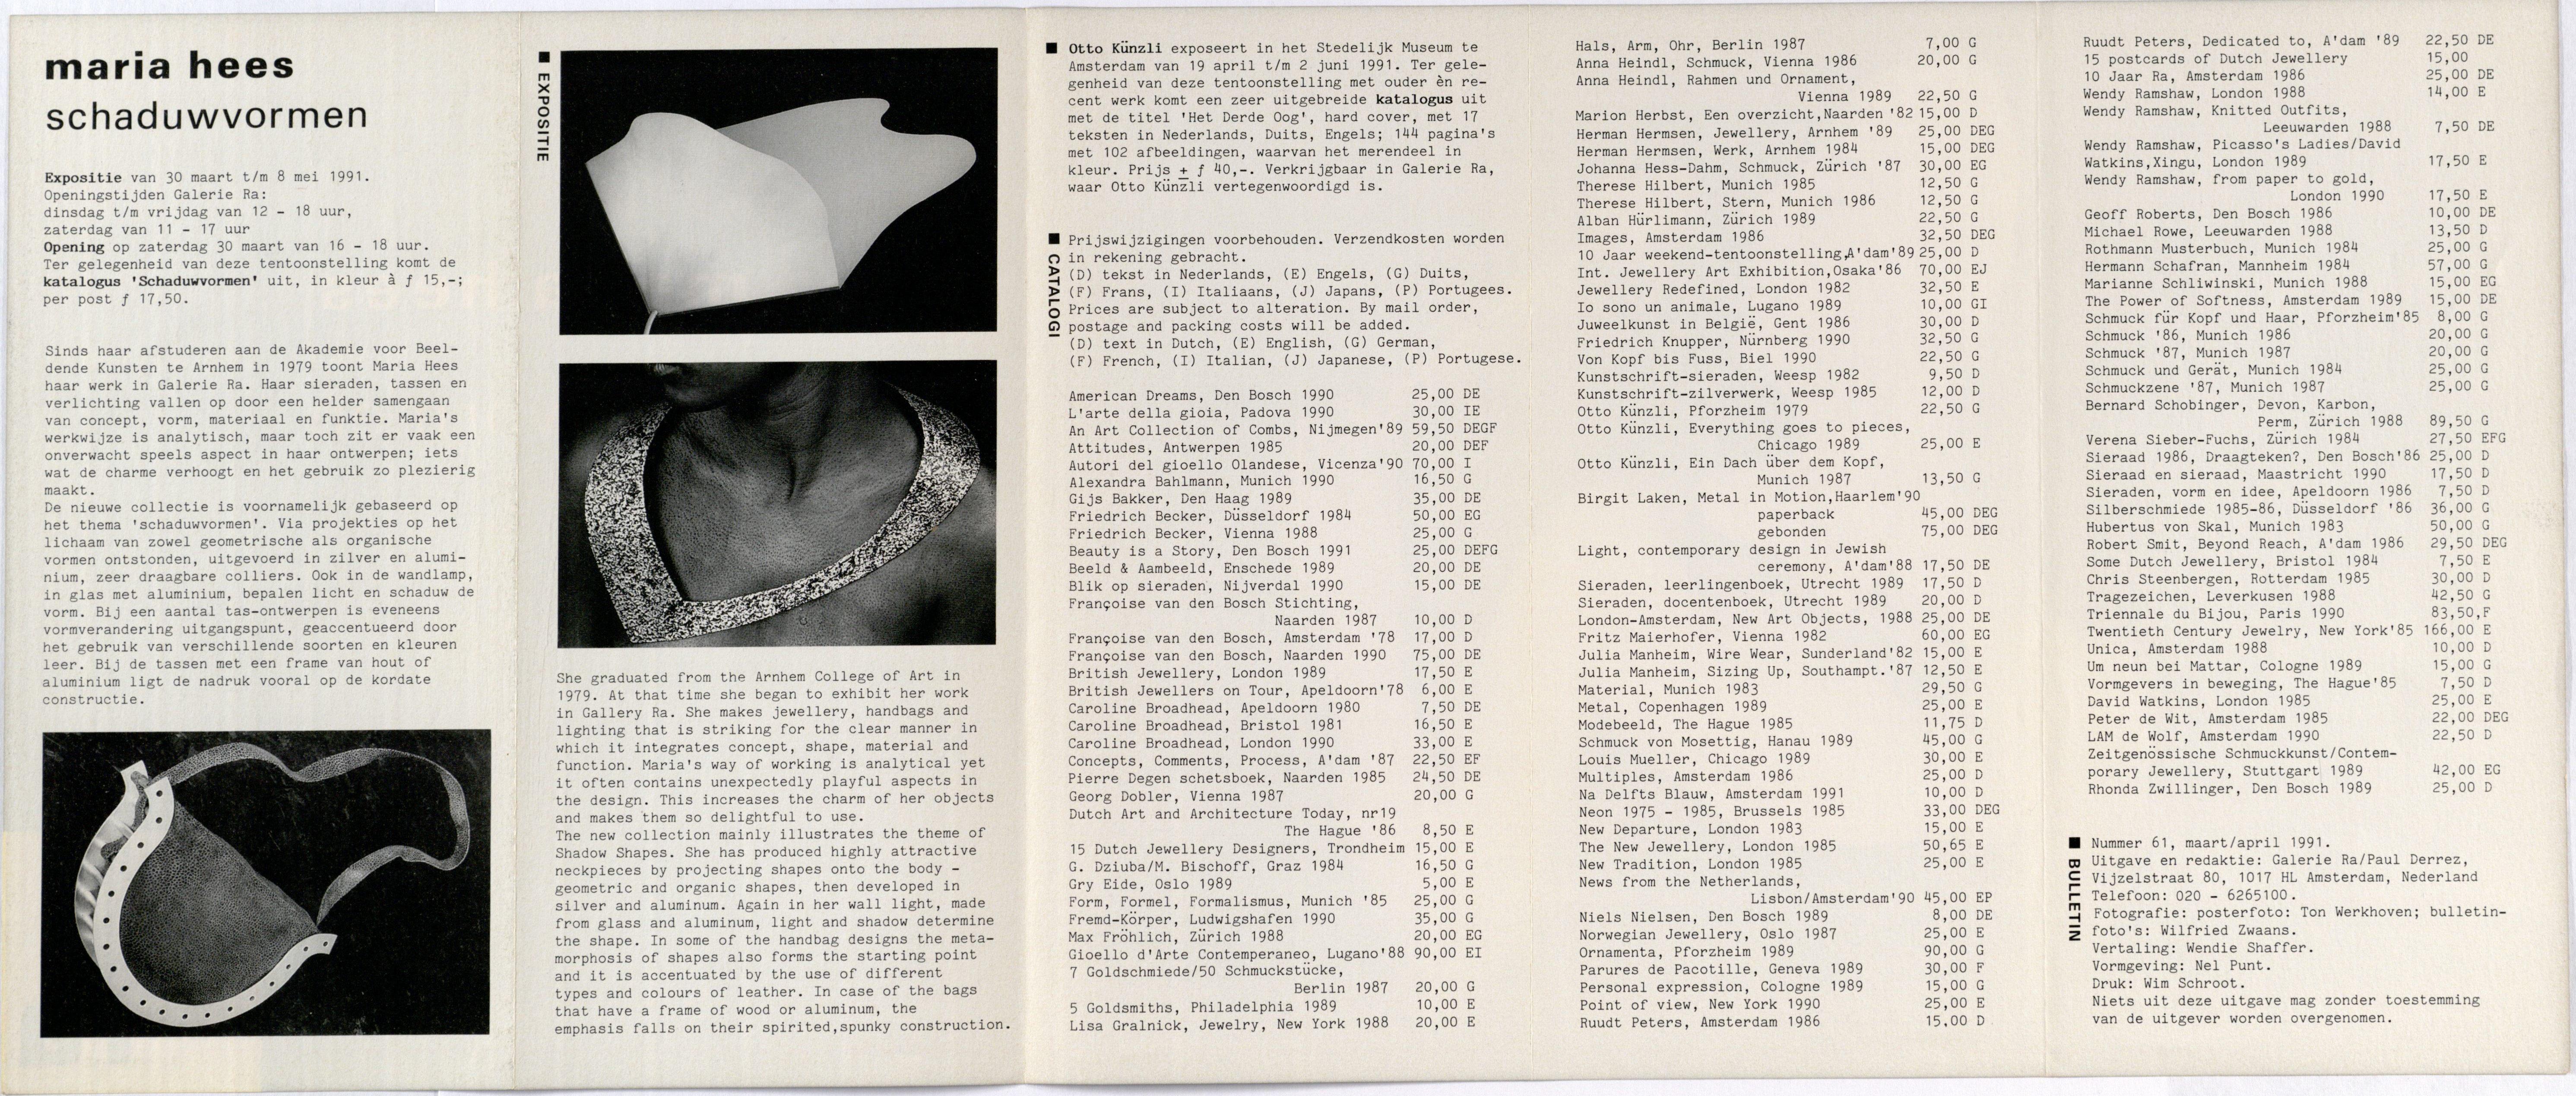 Ra Bulletin 61, maart/april 1991, achterzijde met tekst en foto's van Wilfried Zwaans, tas, halssieraad, lamp, drukwerk, papier, Maria Hees, leer, hout, Otto Künzli, Stdelijk Museum Amsterdam